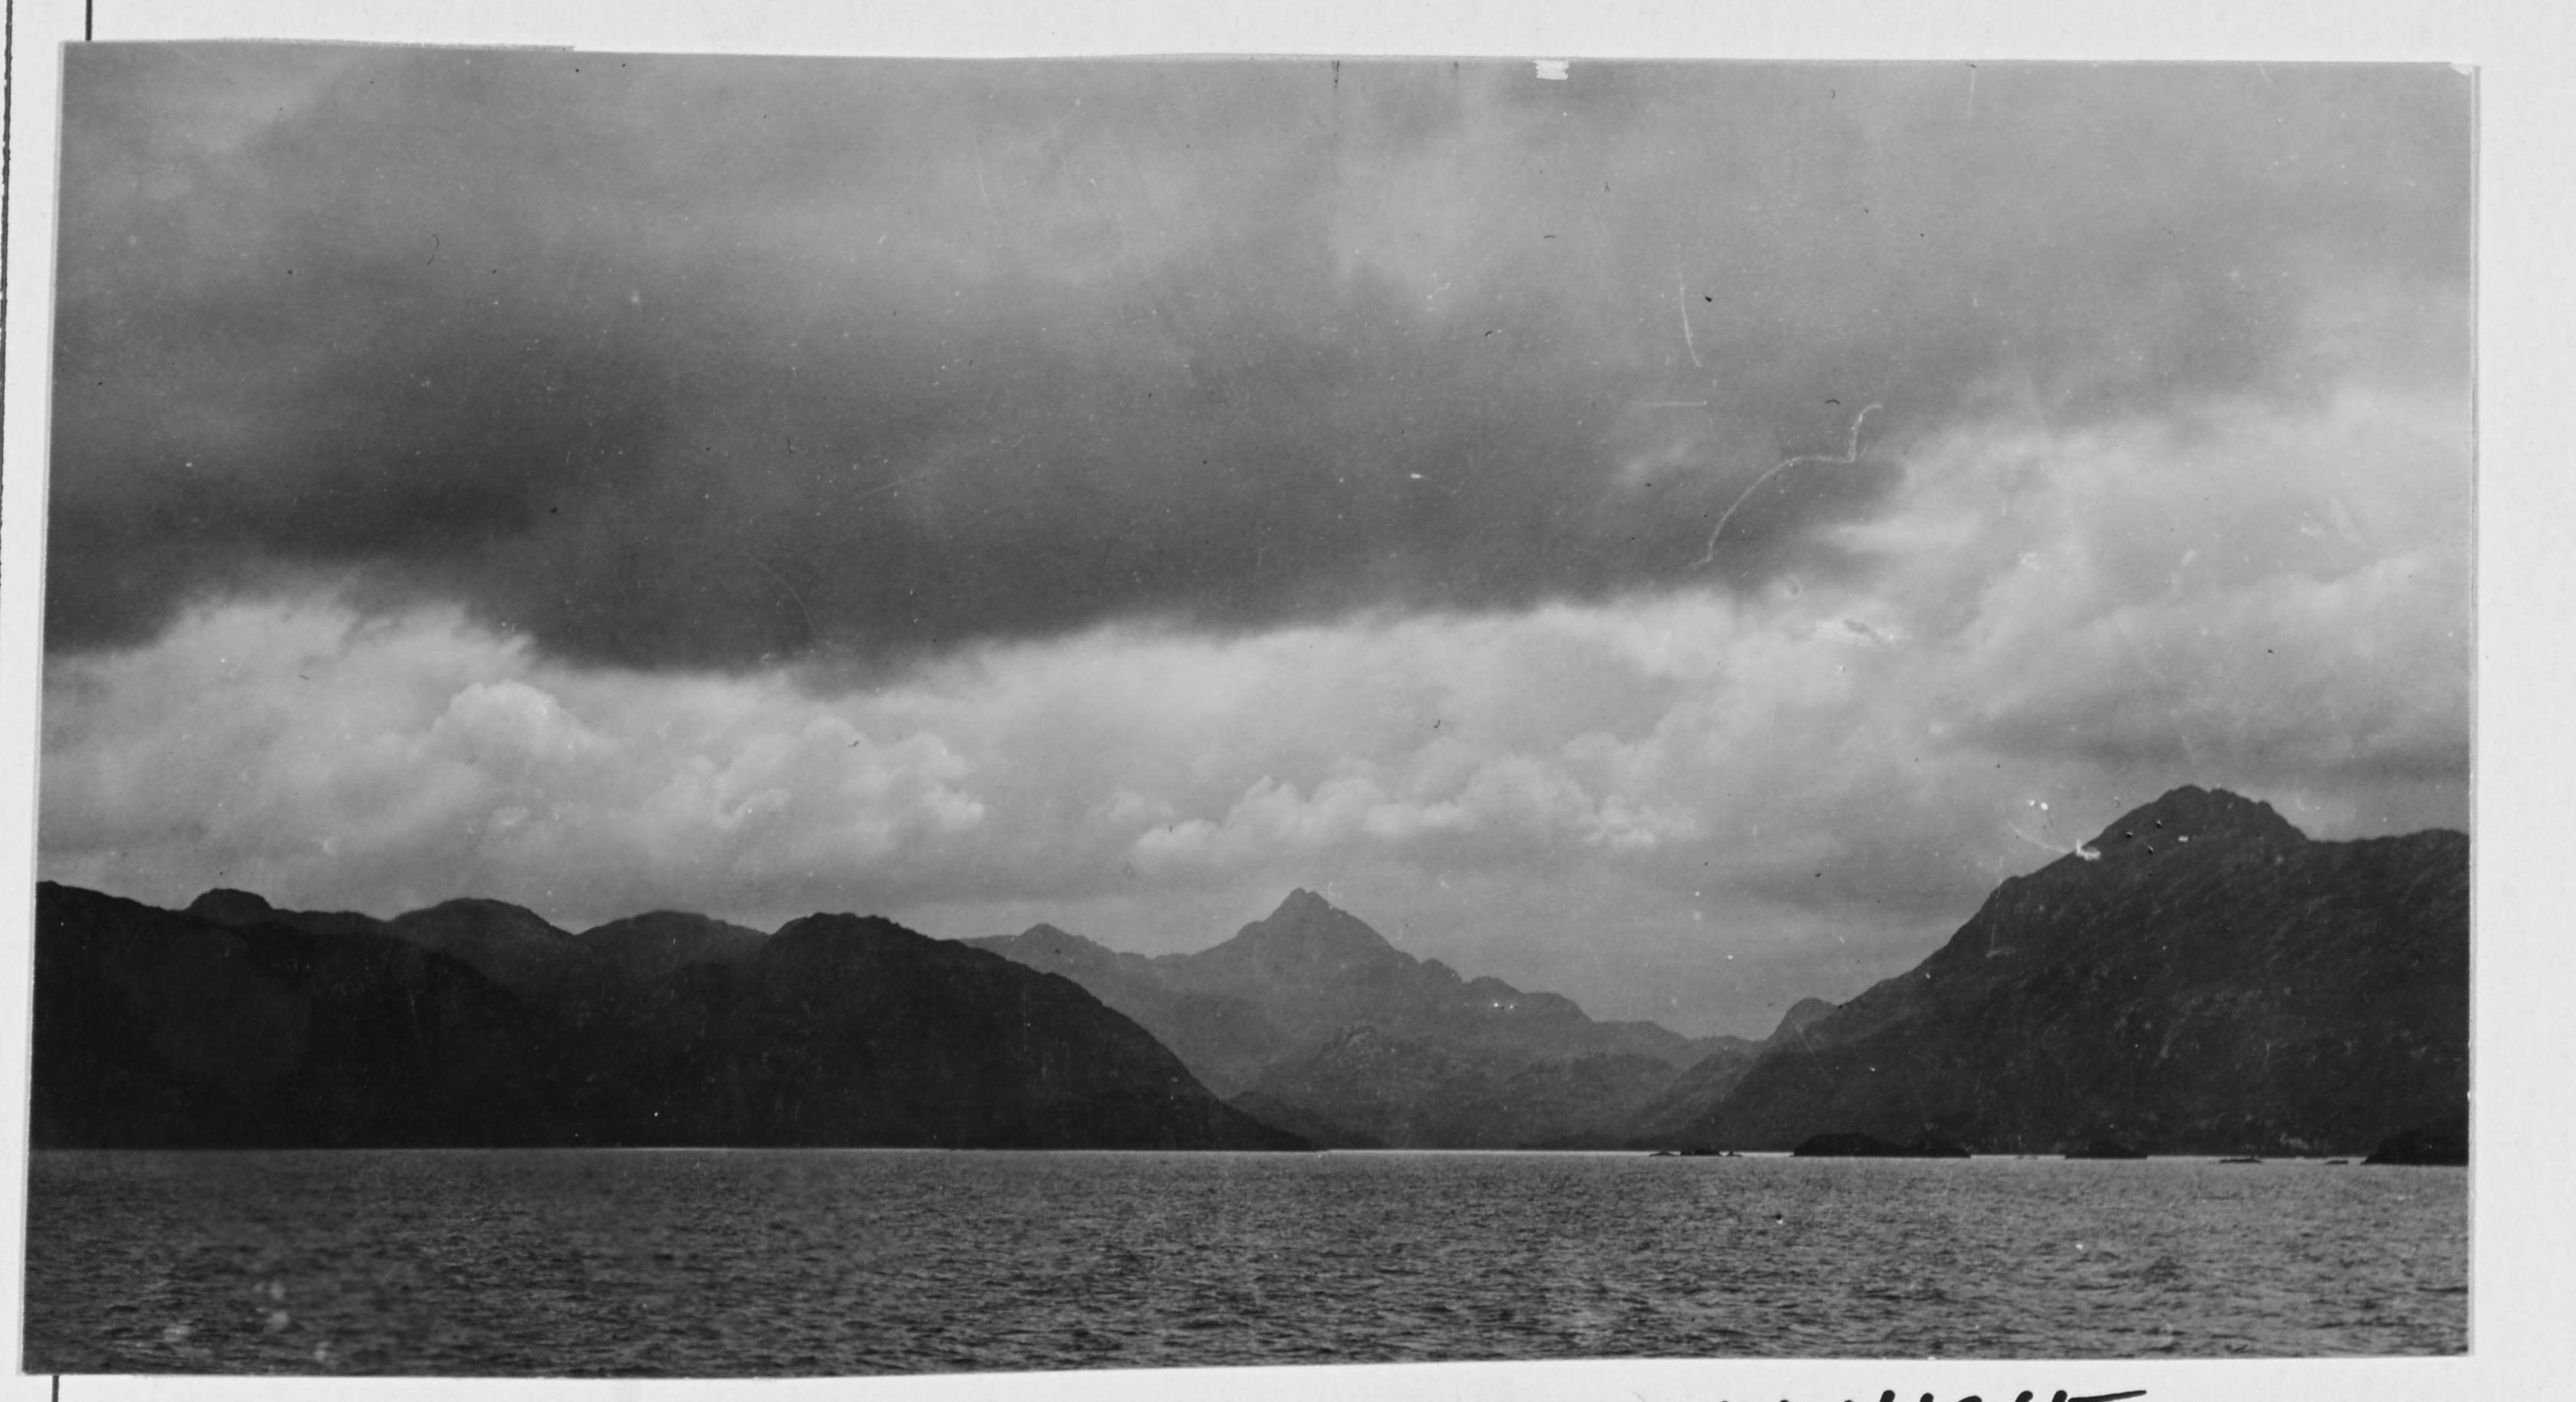 Enterreno - Fotos históricas de chile - fotos antiguas de Chile - Crucero por el mundo, 1908